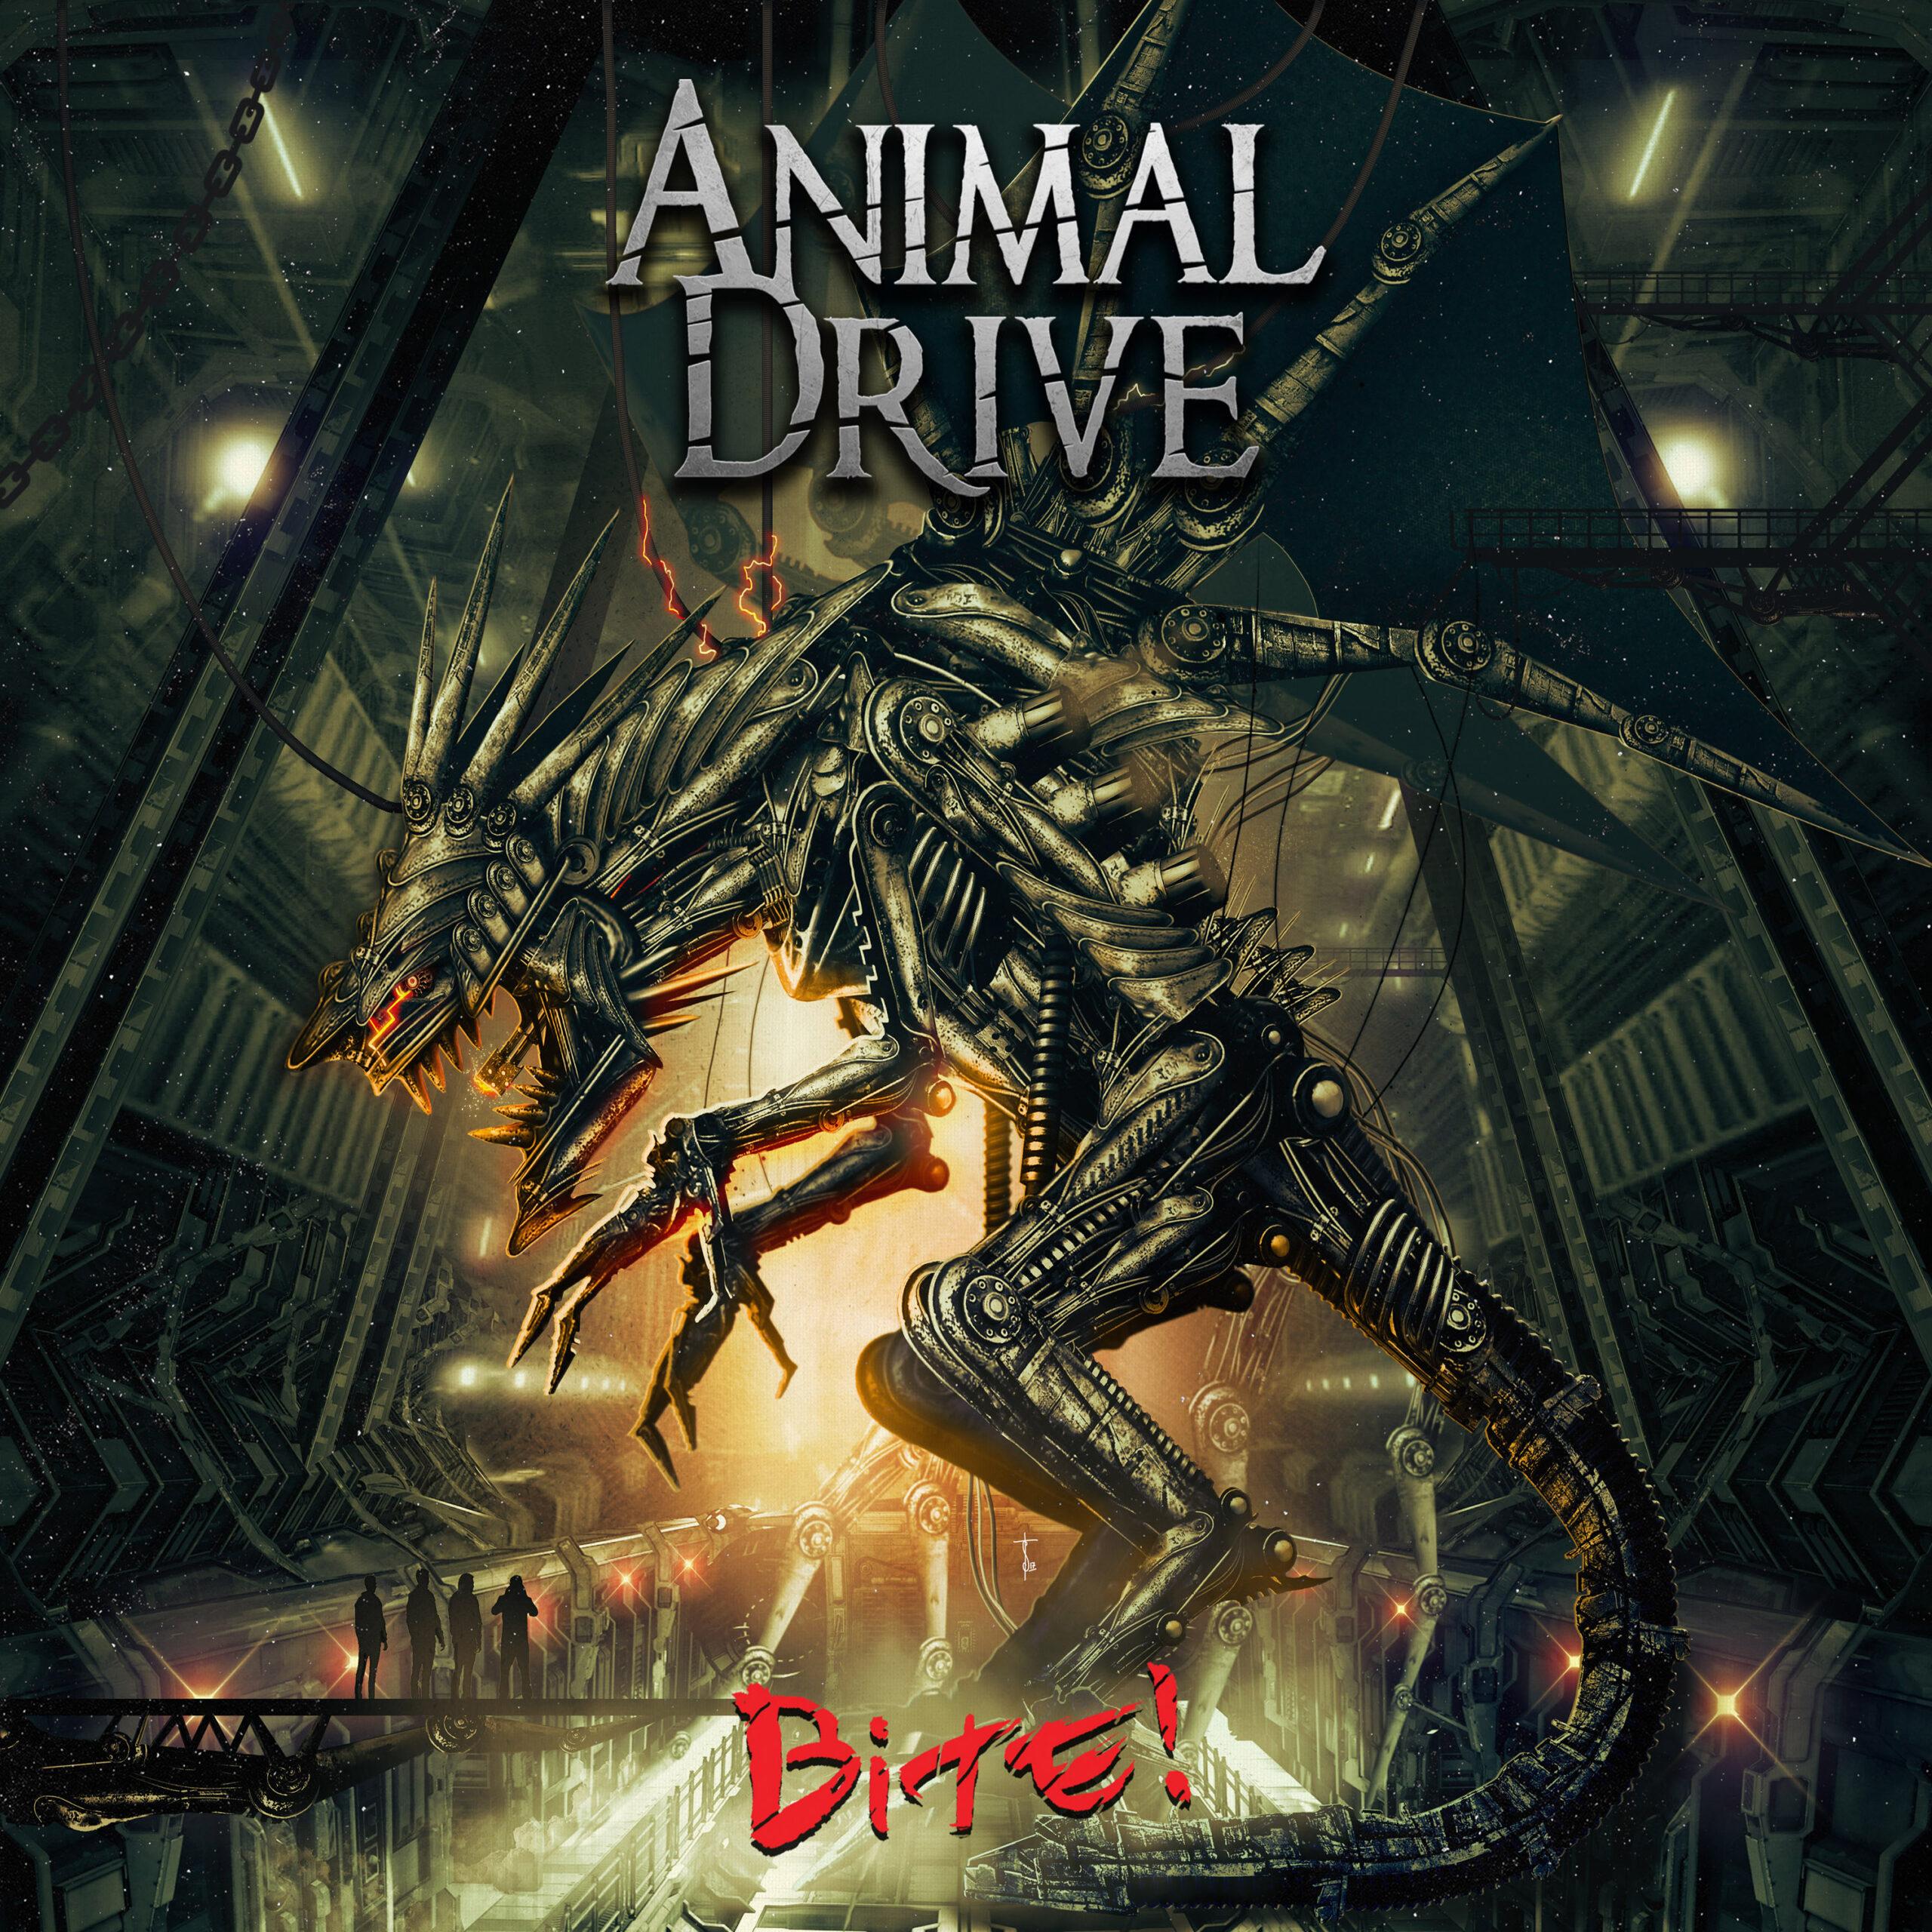 ANIMAL DRIVE ARTWORK colors